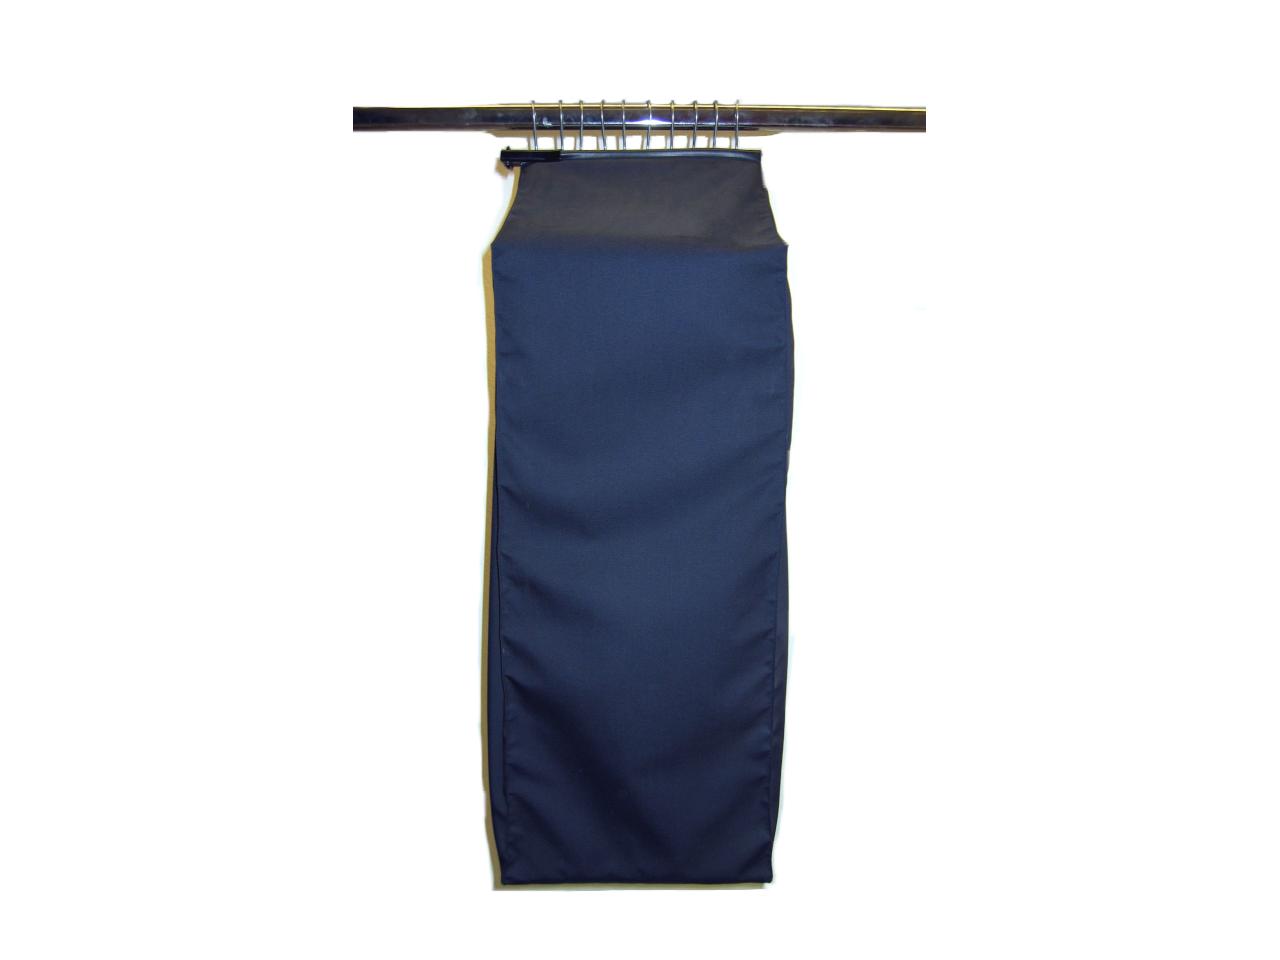 Kollektionskleidersack mit Klemmschiene 4